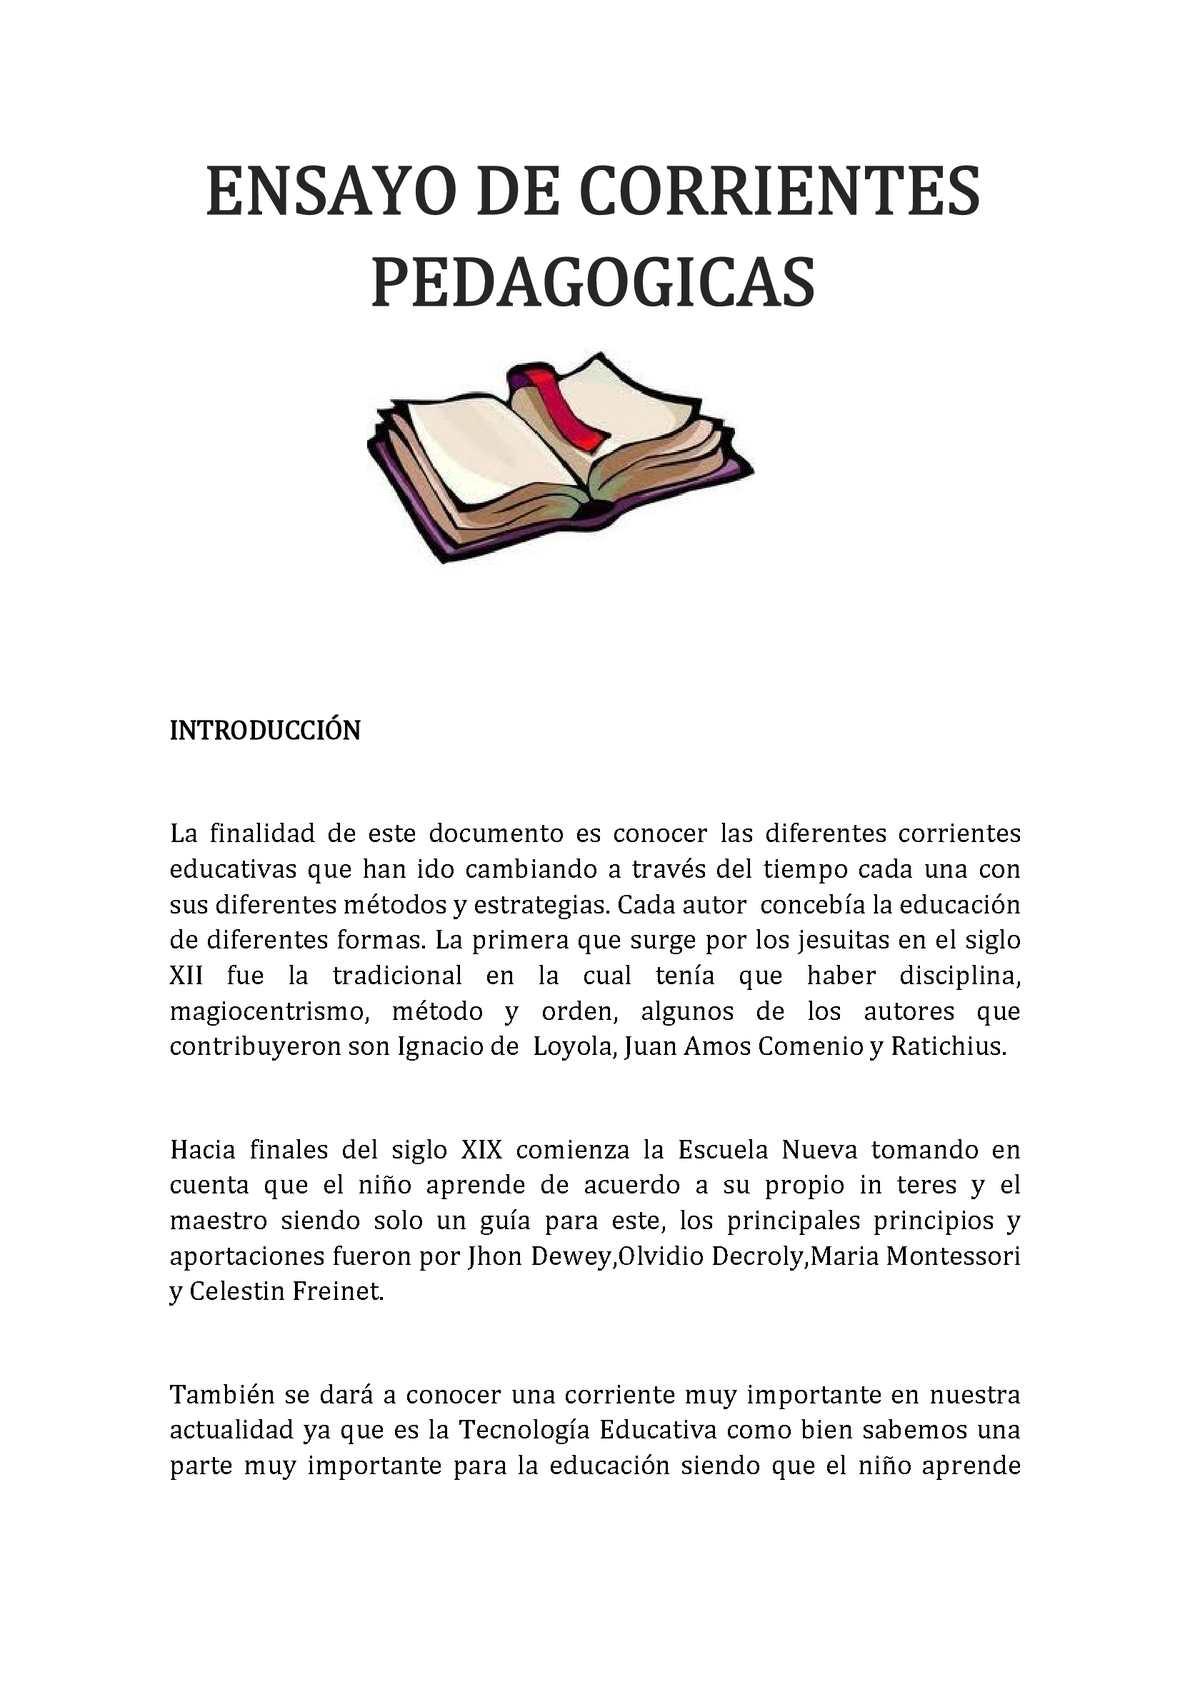 ENSAYO DE CORRIENTES PEDAGOGICAS Irma Valdizan Tacuche ok